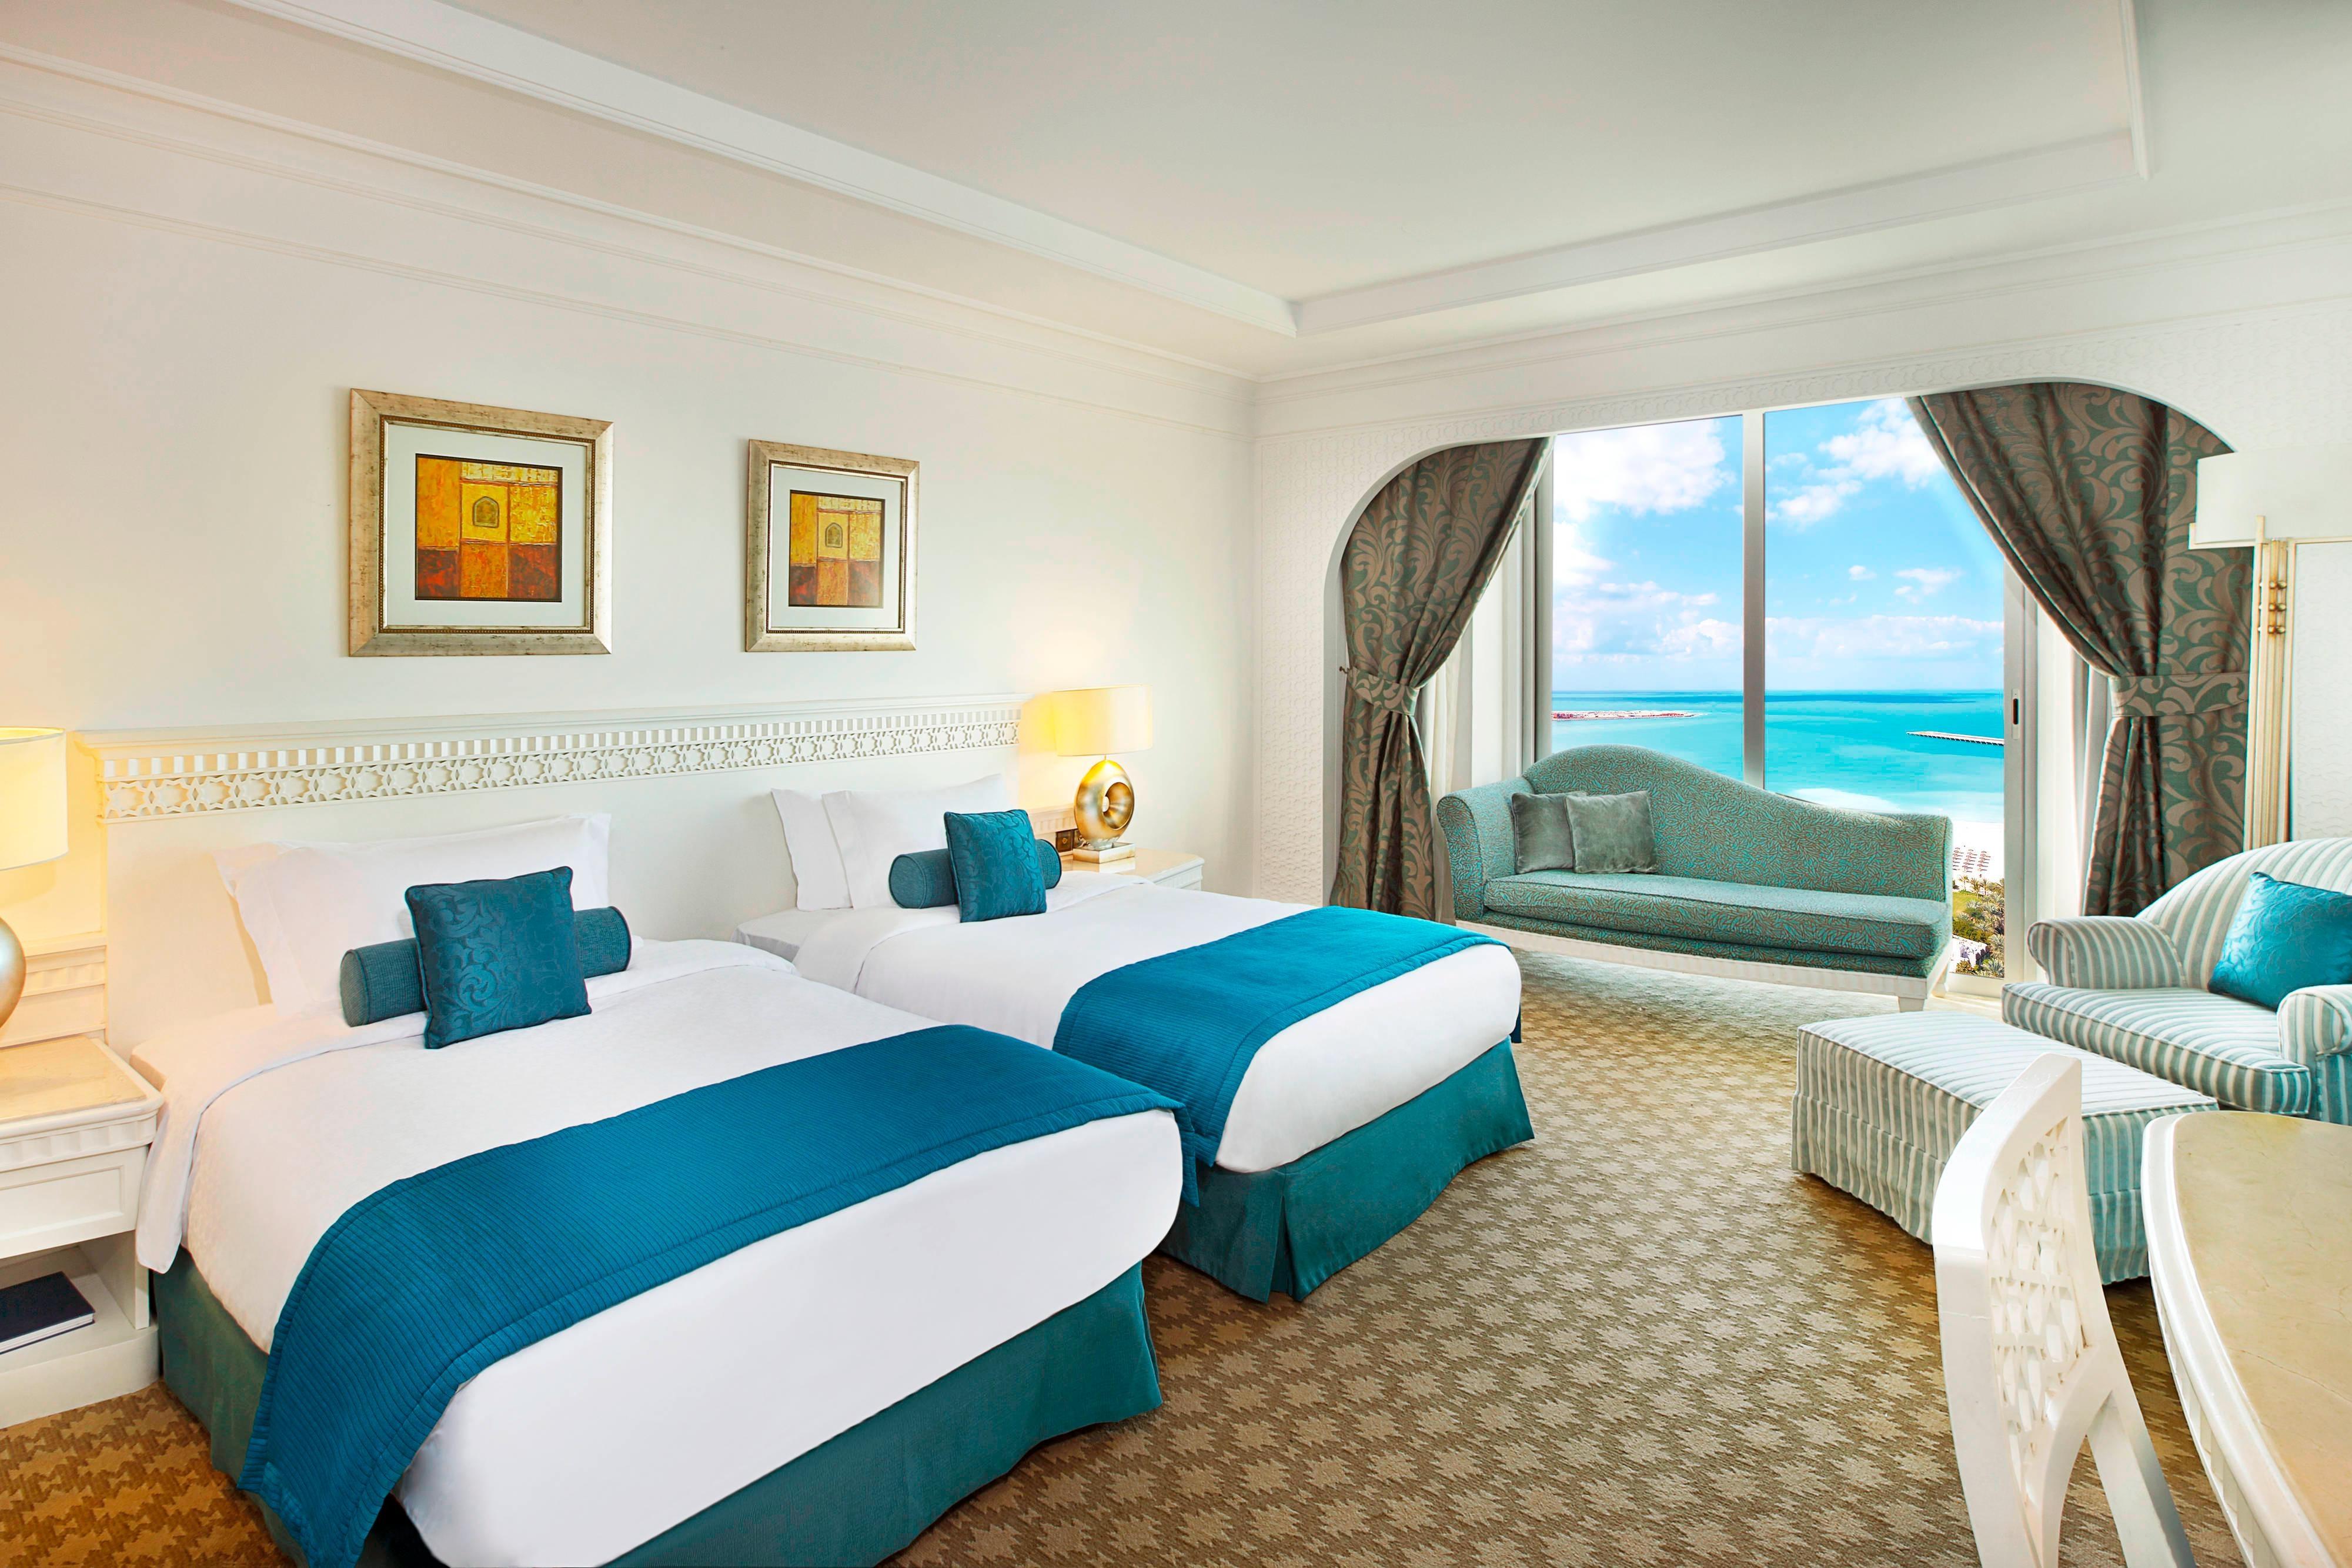 Zimmer in Jumeirah Beach Hotel